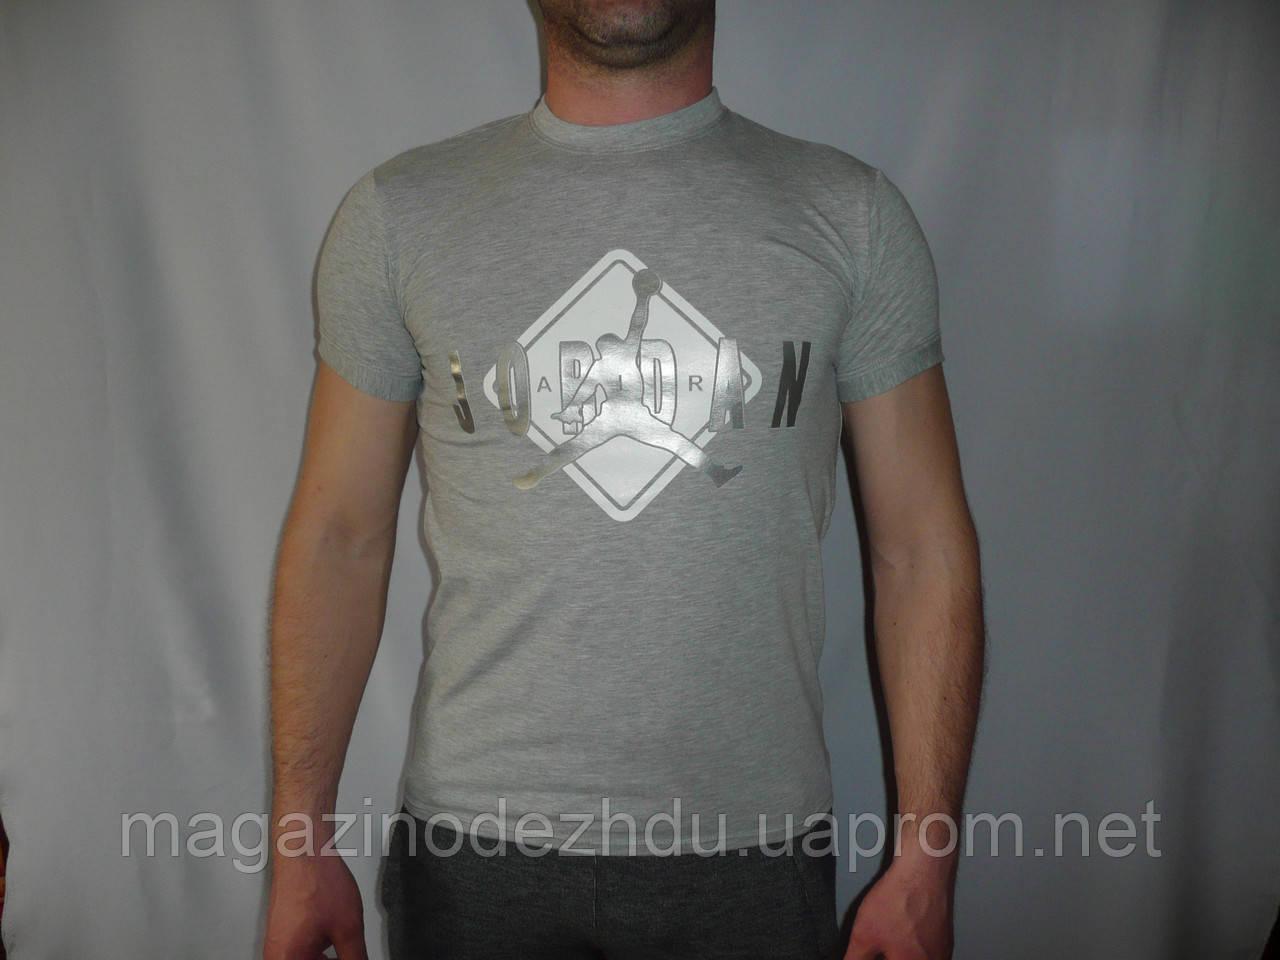 Мужская футболка Jordan  продажа, цена в Харькове. футбольная форма ... 94c055e31c5